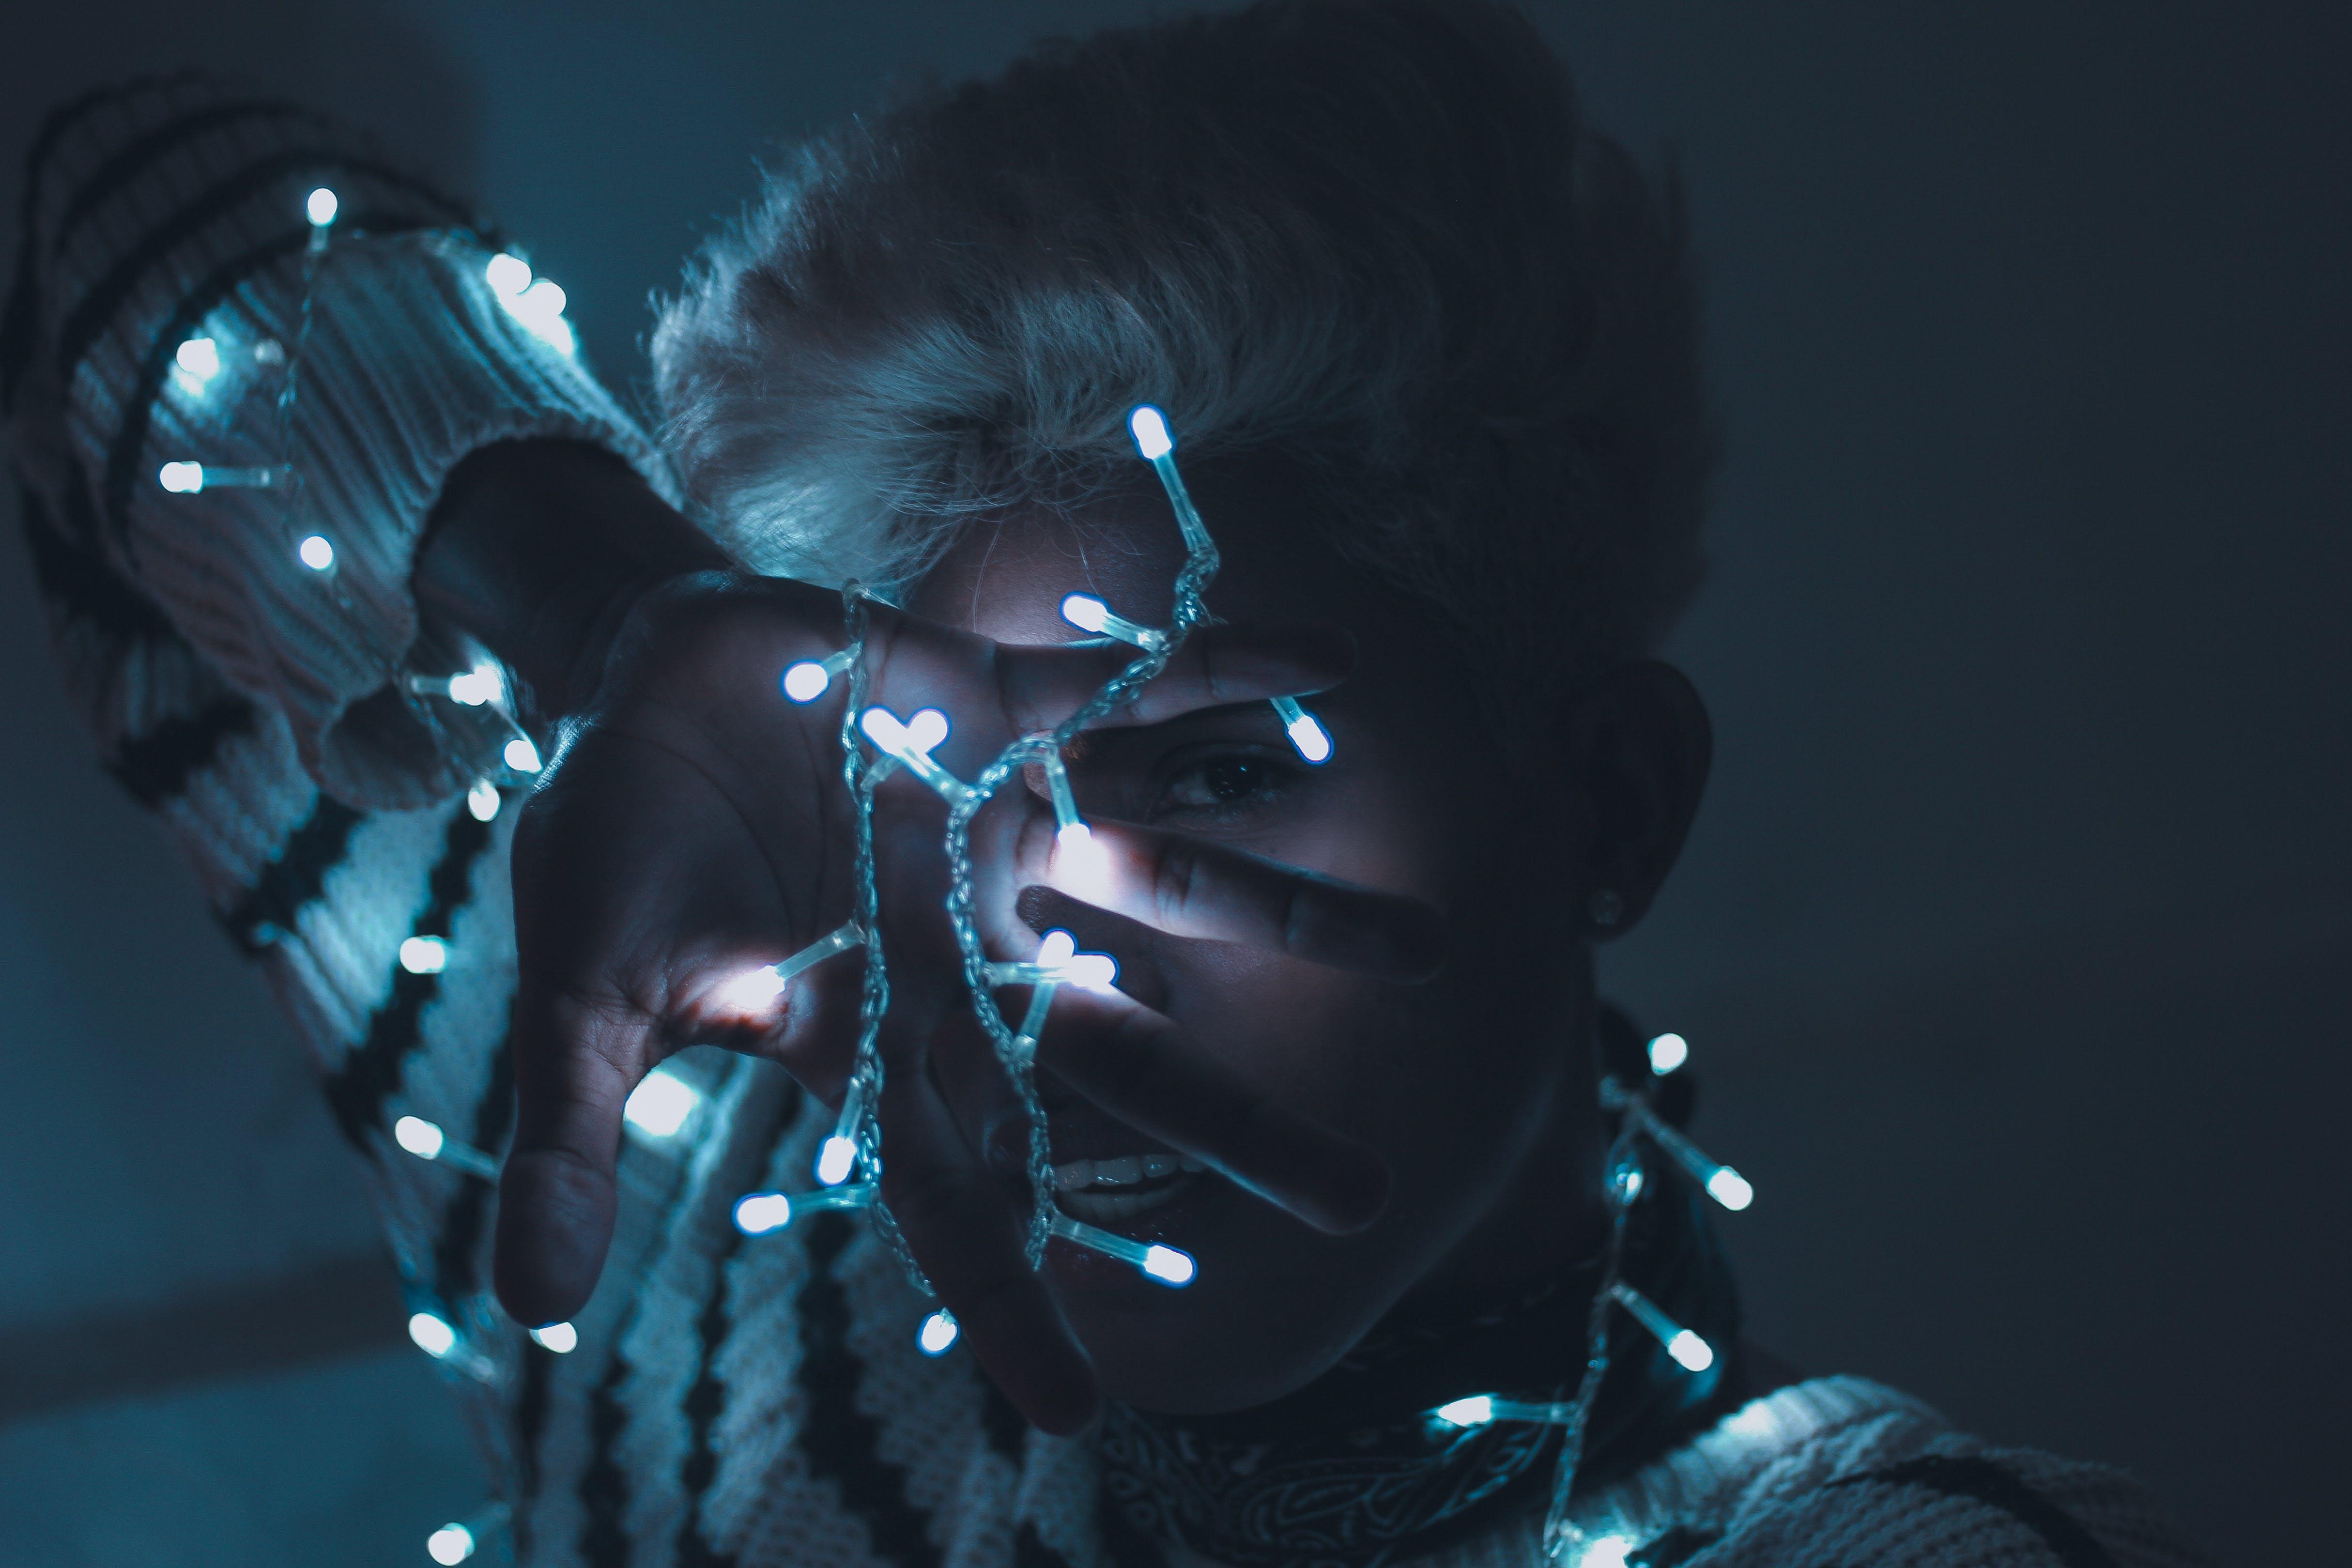 Foto d'estoc gratuïta de dona, garlanda de llums, il·luminat, llums